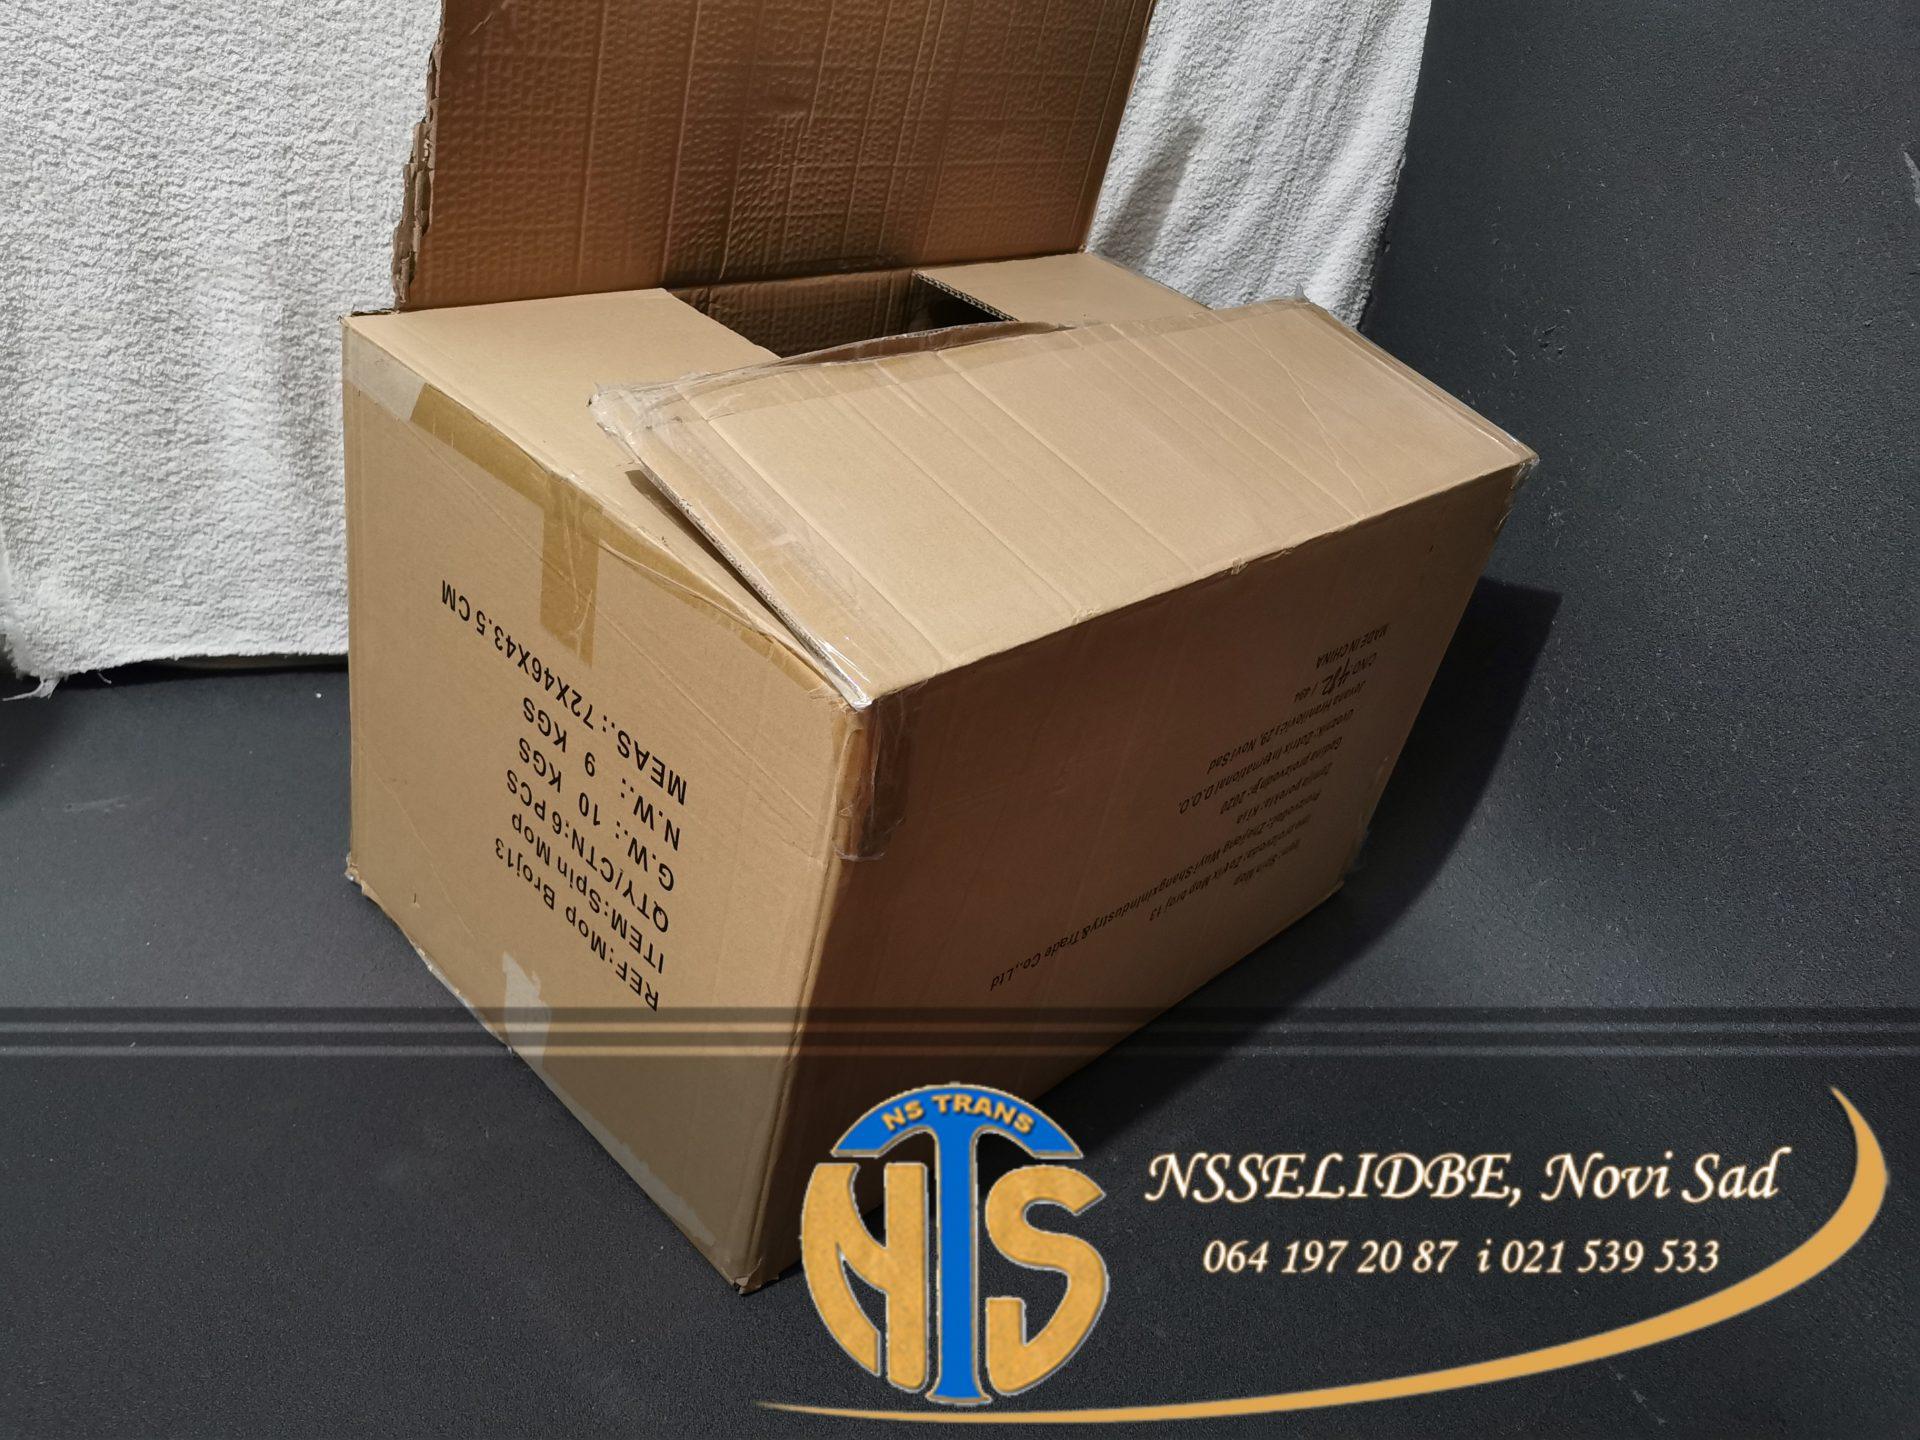 Kutije za selidbu-Selidbe Novi Sad